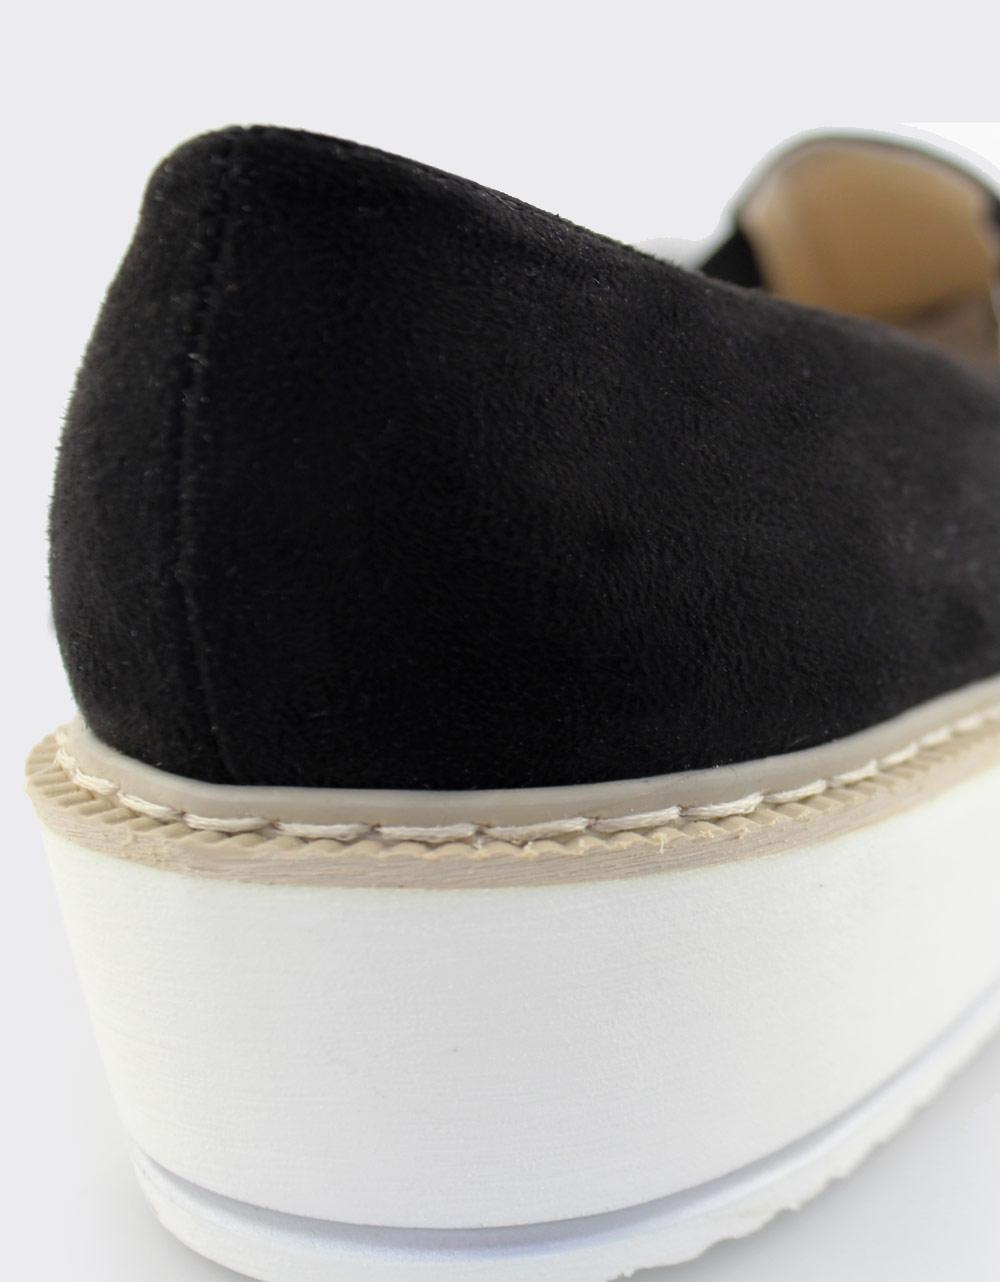 Εικόνα από Γυναικεία loafers με διακοσμητικό φερμουάρ Μαύρο